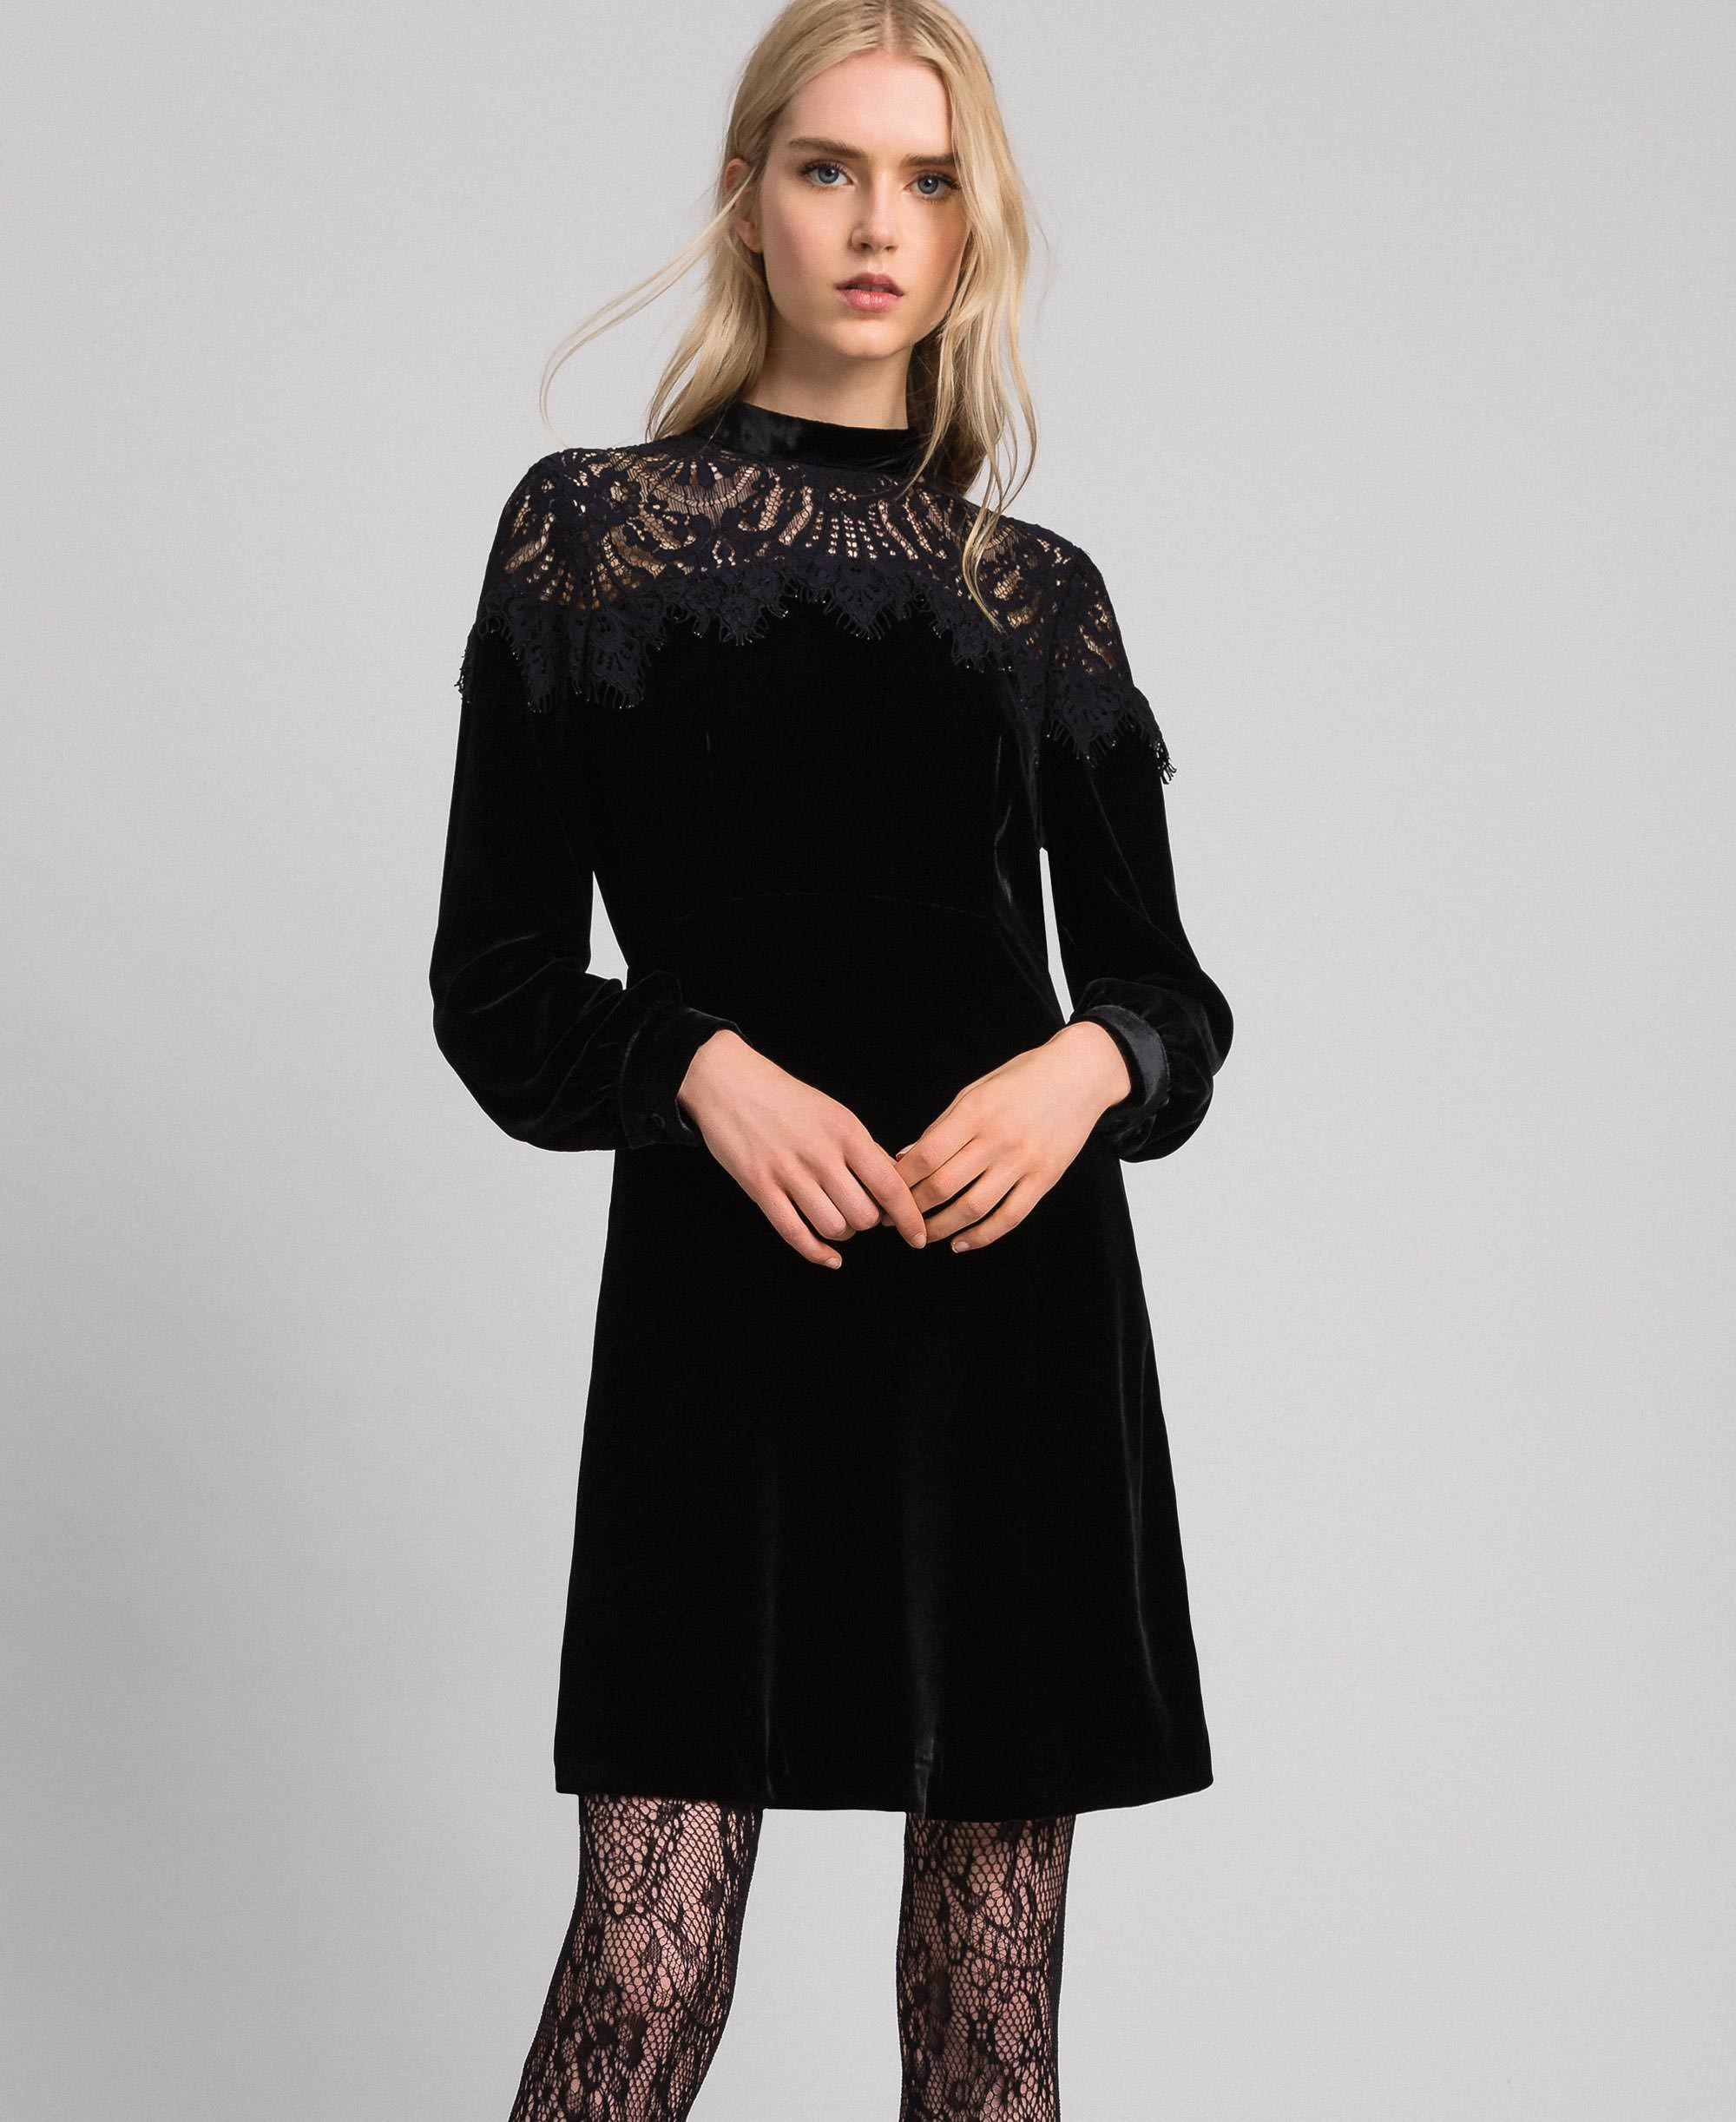 Kleid aus Samt mit Spitze Frau, Schwarz  TWINSET Milano